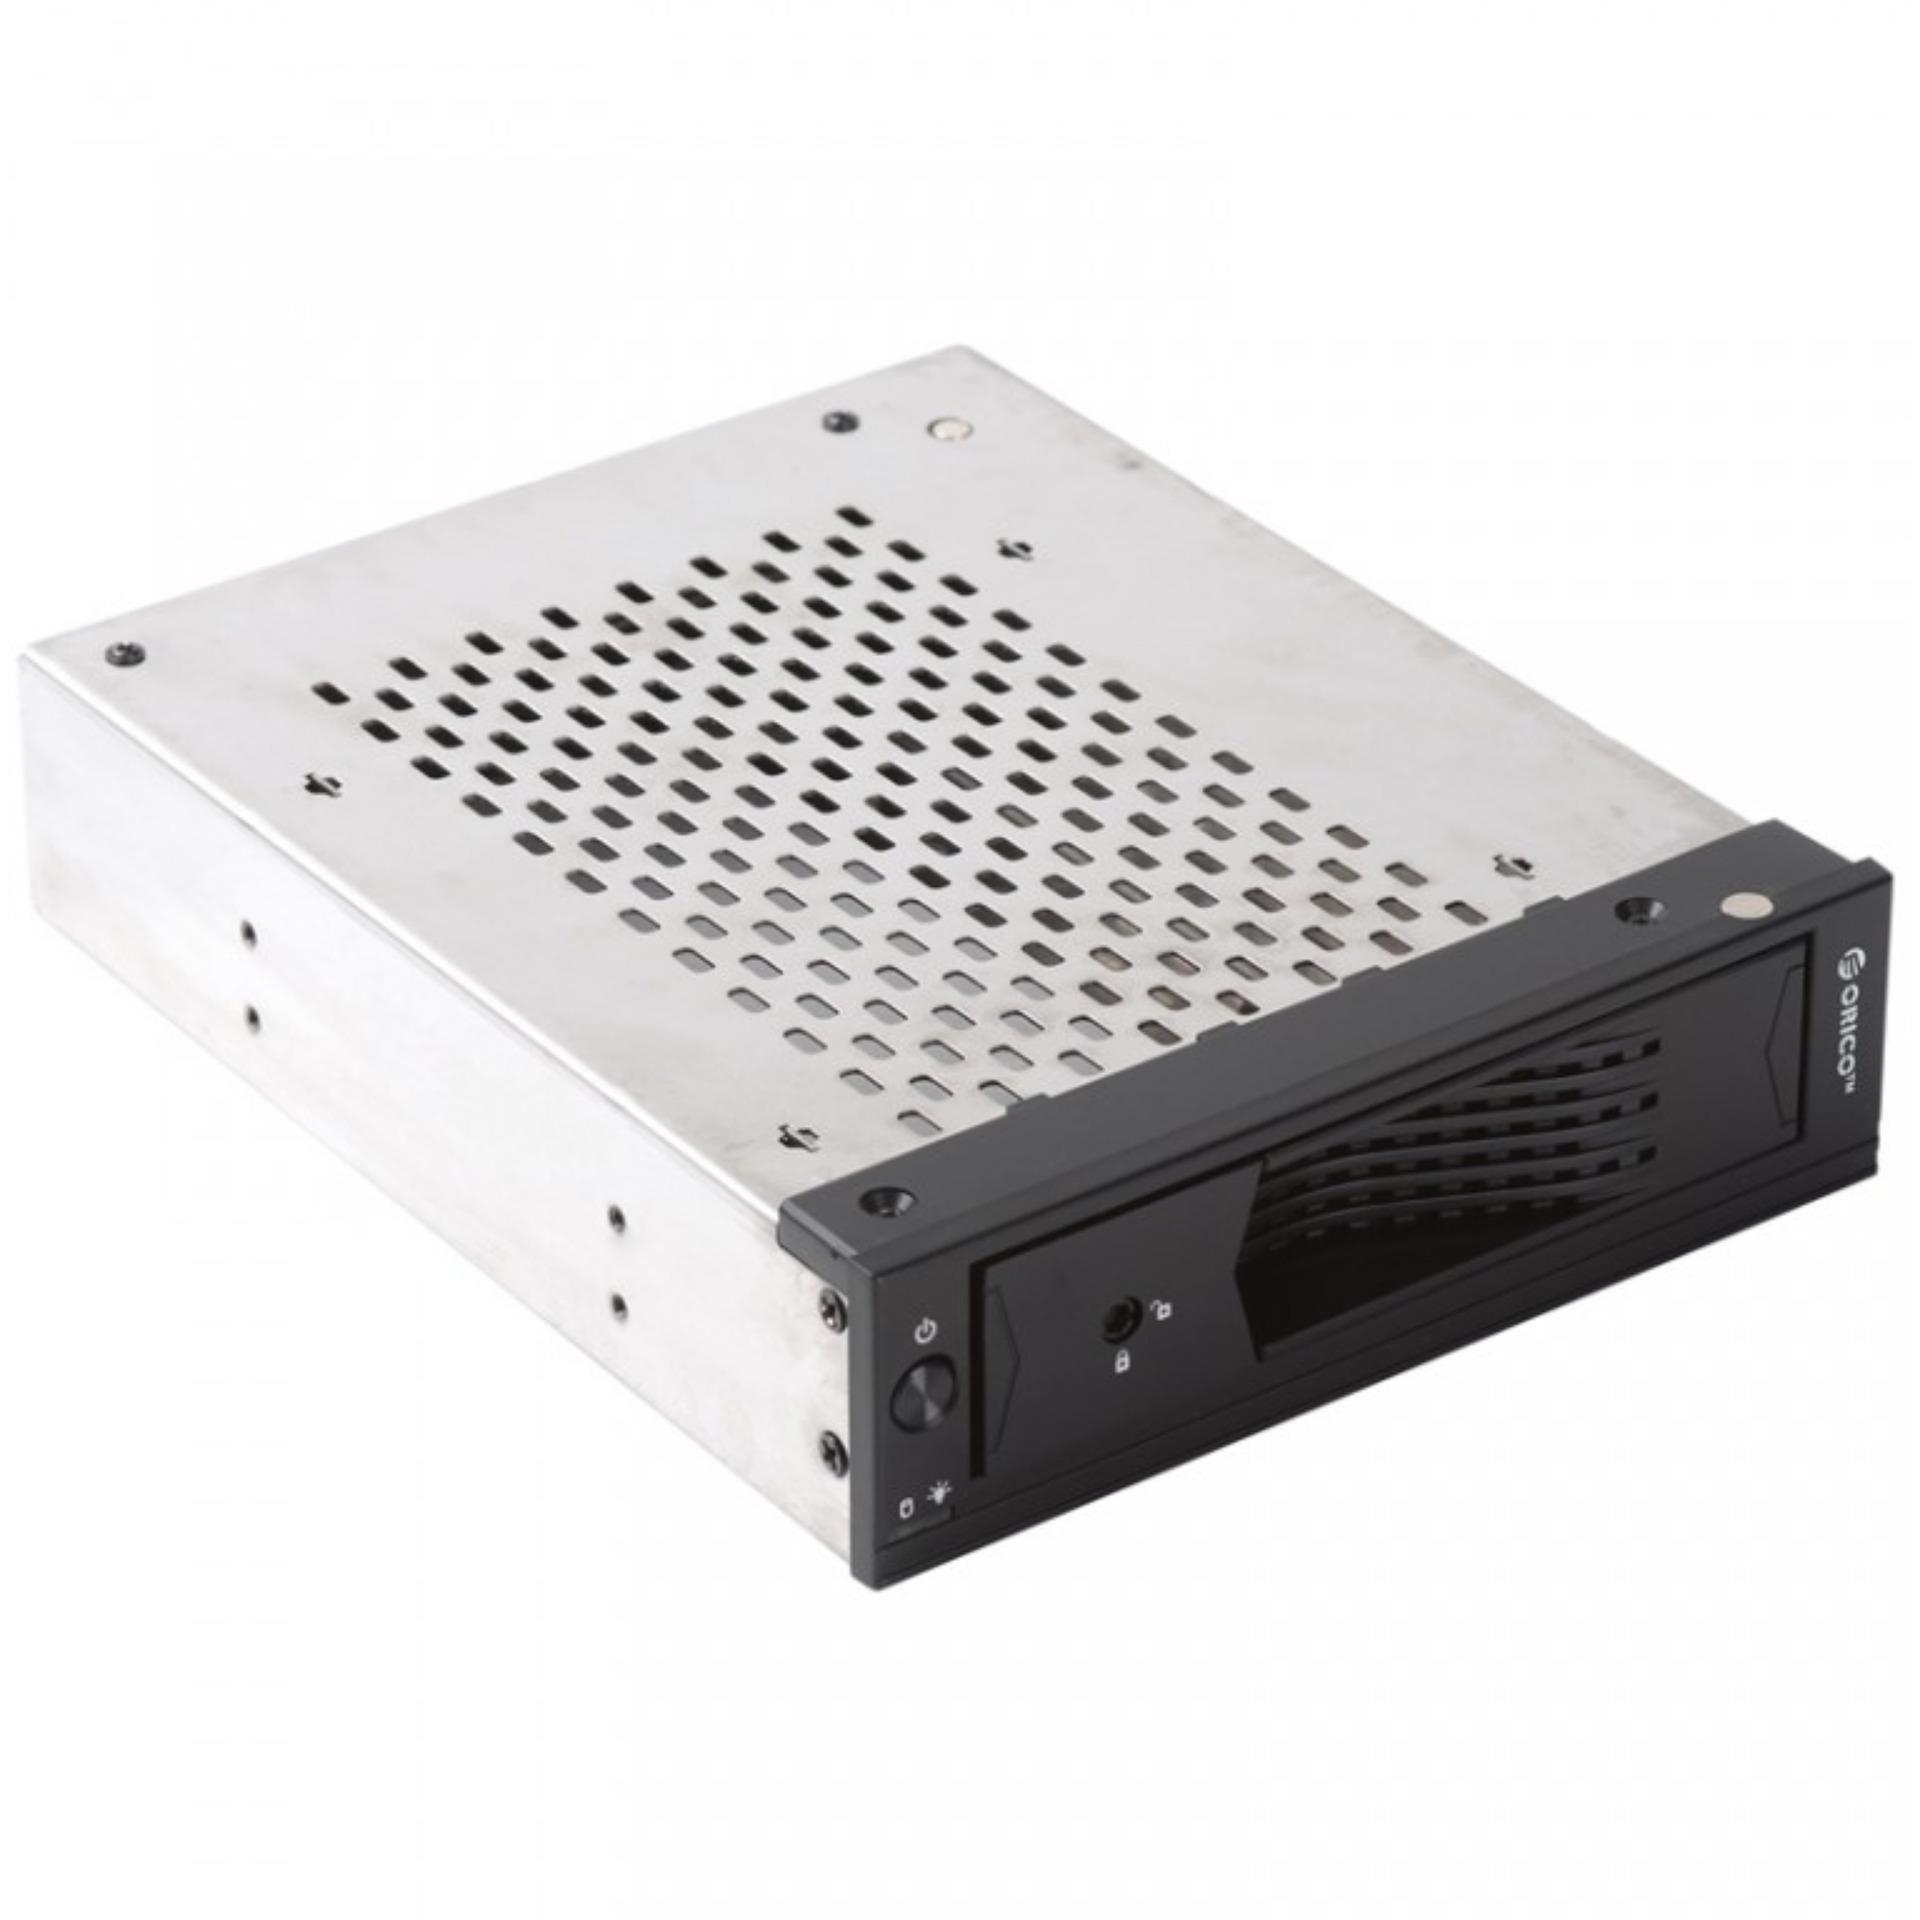 Hotswap cho máy tính bàn Orico 1109SS (đen, bạc)(Đen) Đang Bán Tại VIETRENDER